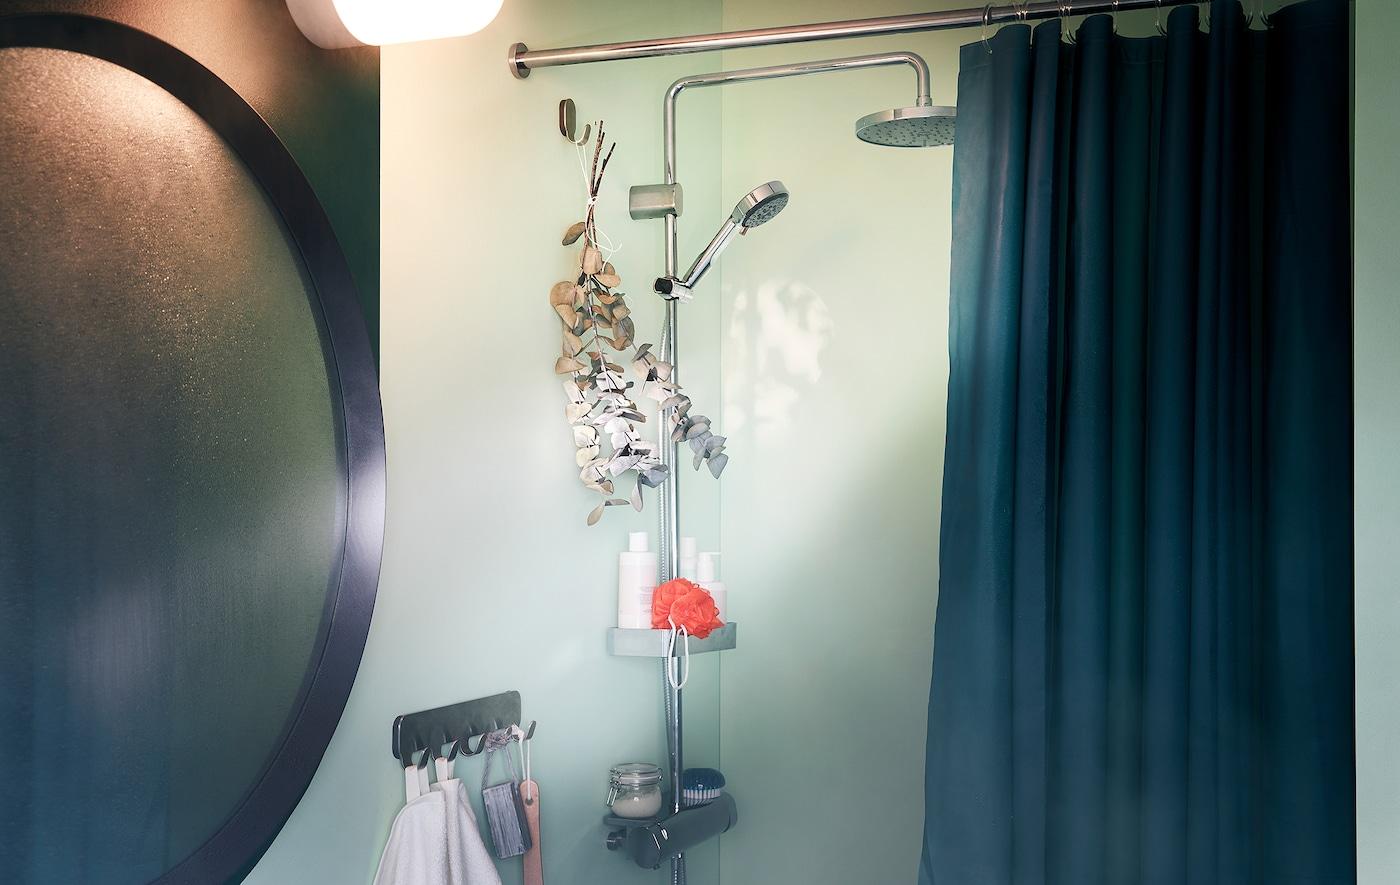 Kupatilo sa zamagljenim ogledalom pored tuša s dodacima, dok je svežanj grančica eukaliptusa okačen na kuku.